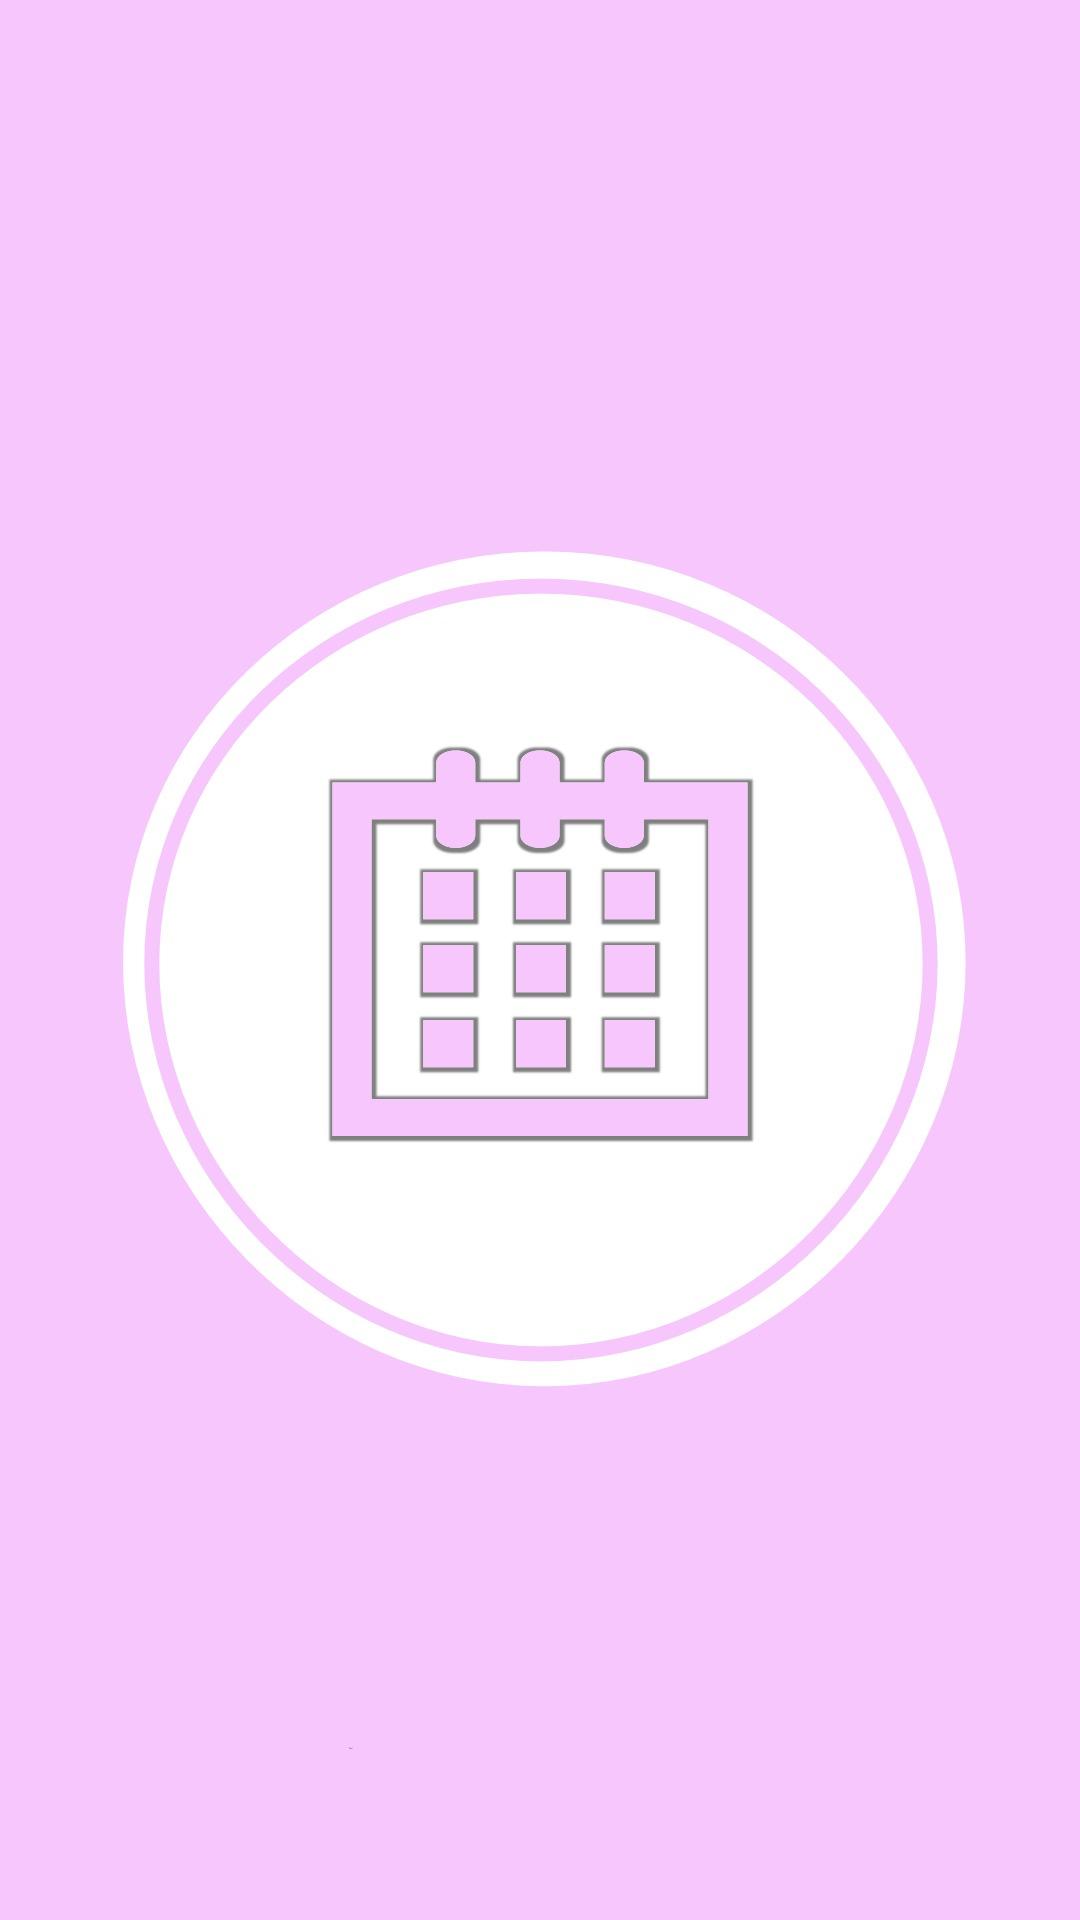 Instagram-cover-calendar-pink-lotnotes.com.jpg